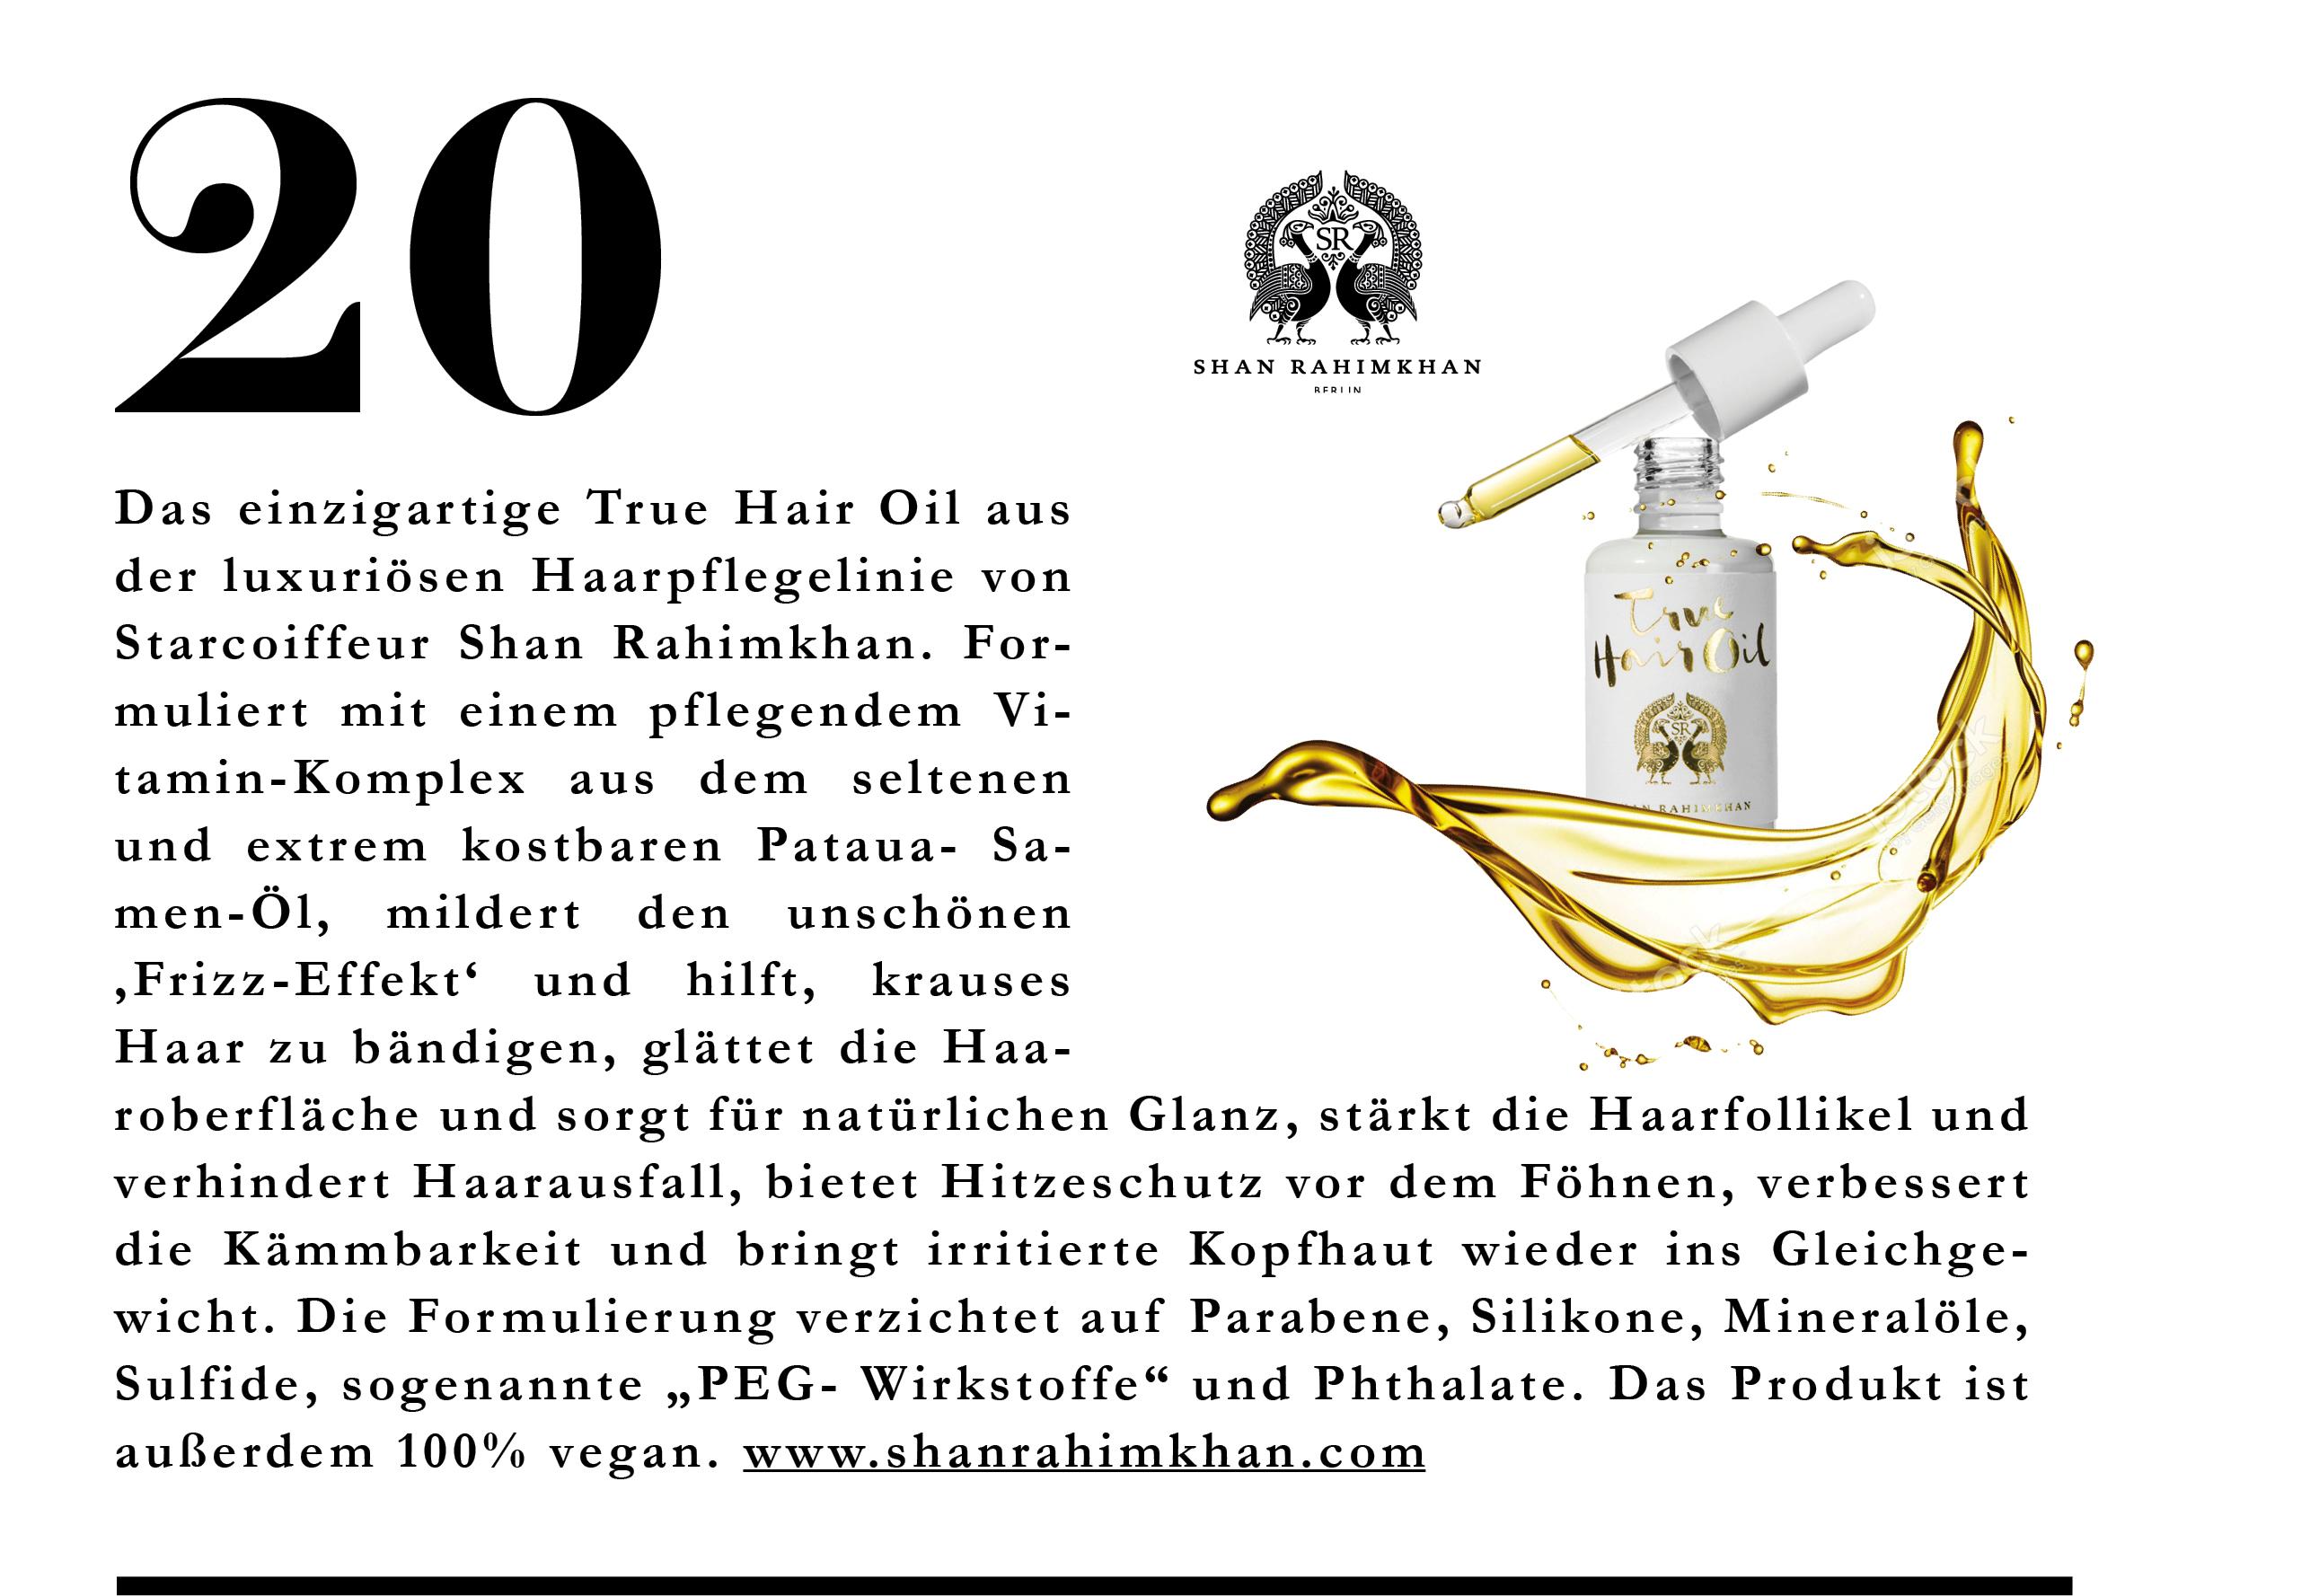 Das einzige True Hair Oil von Shan Rahimkhan ist der Retter für beanspruchtes Haar.